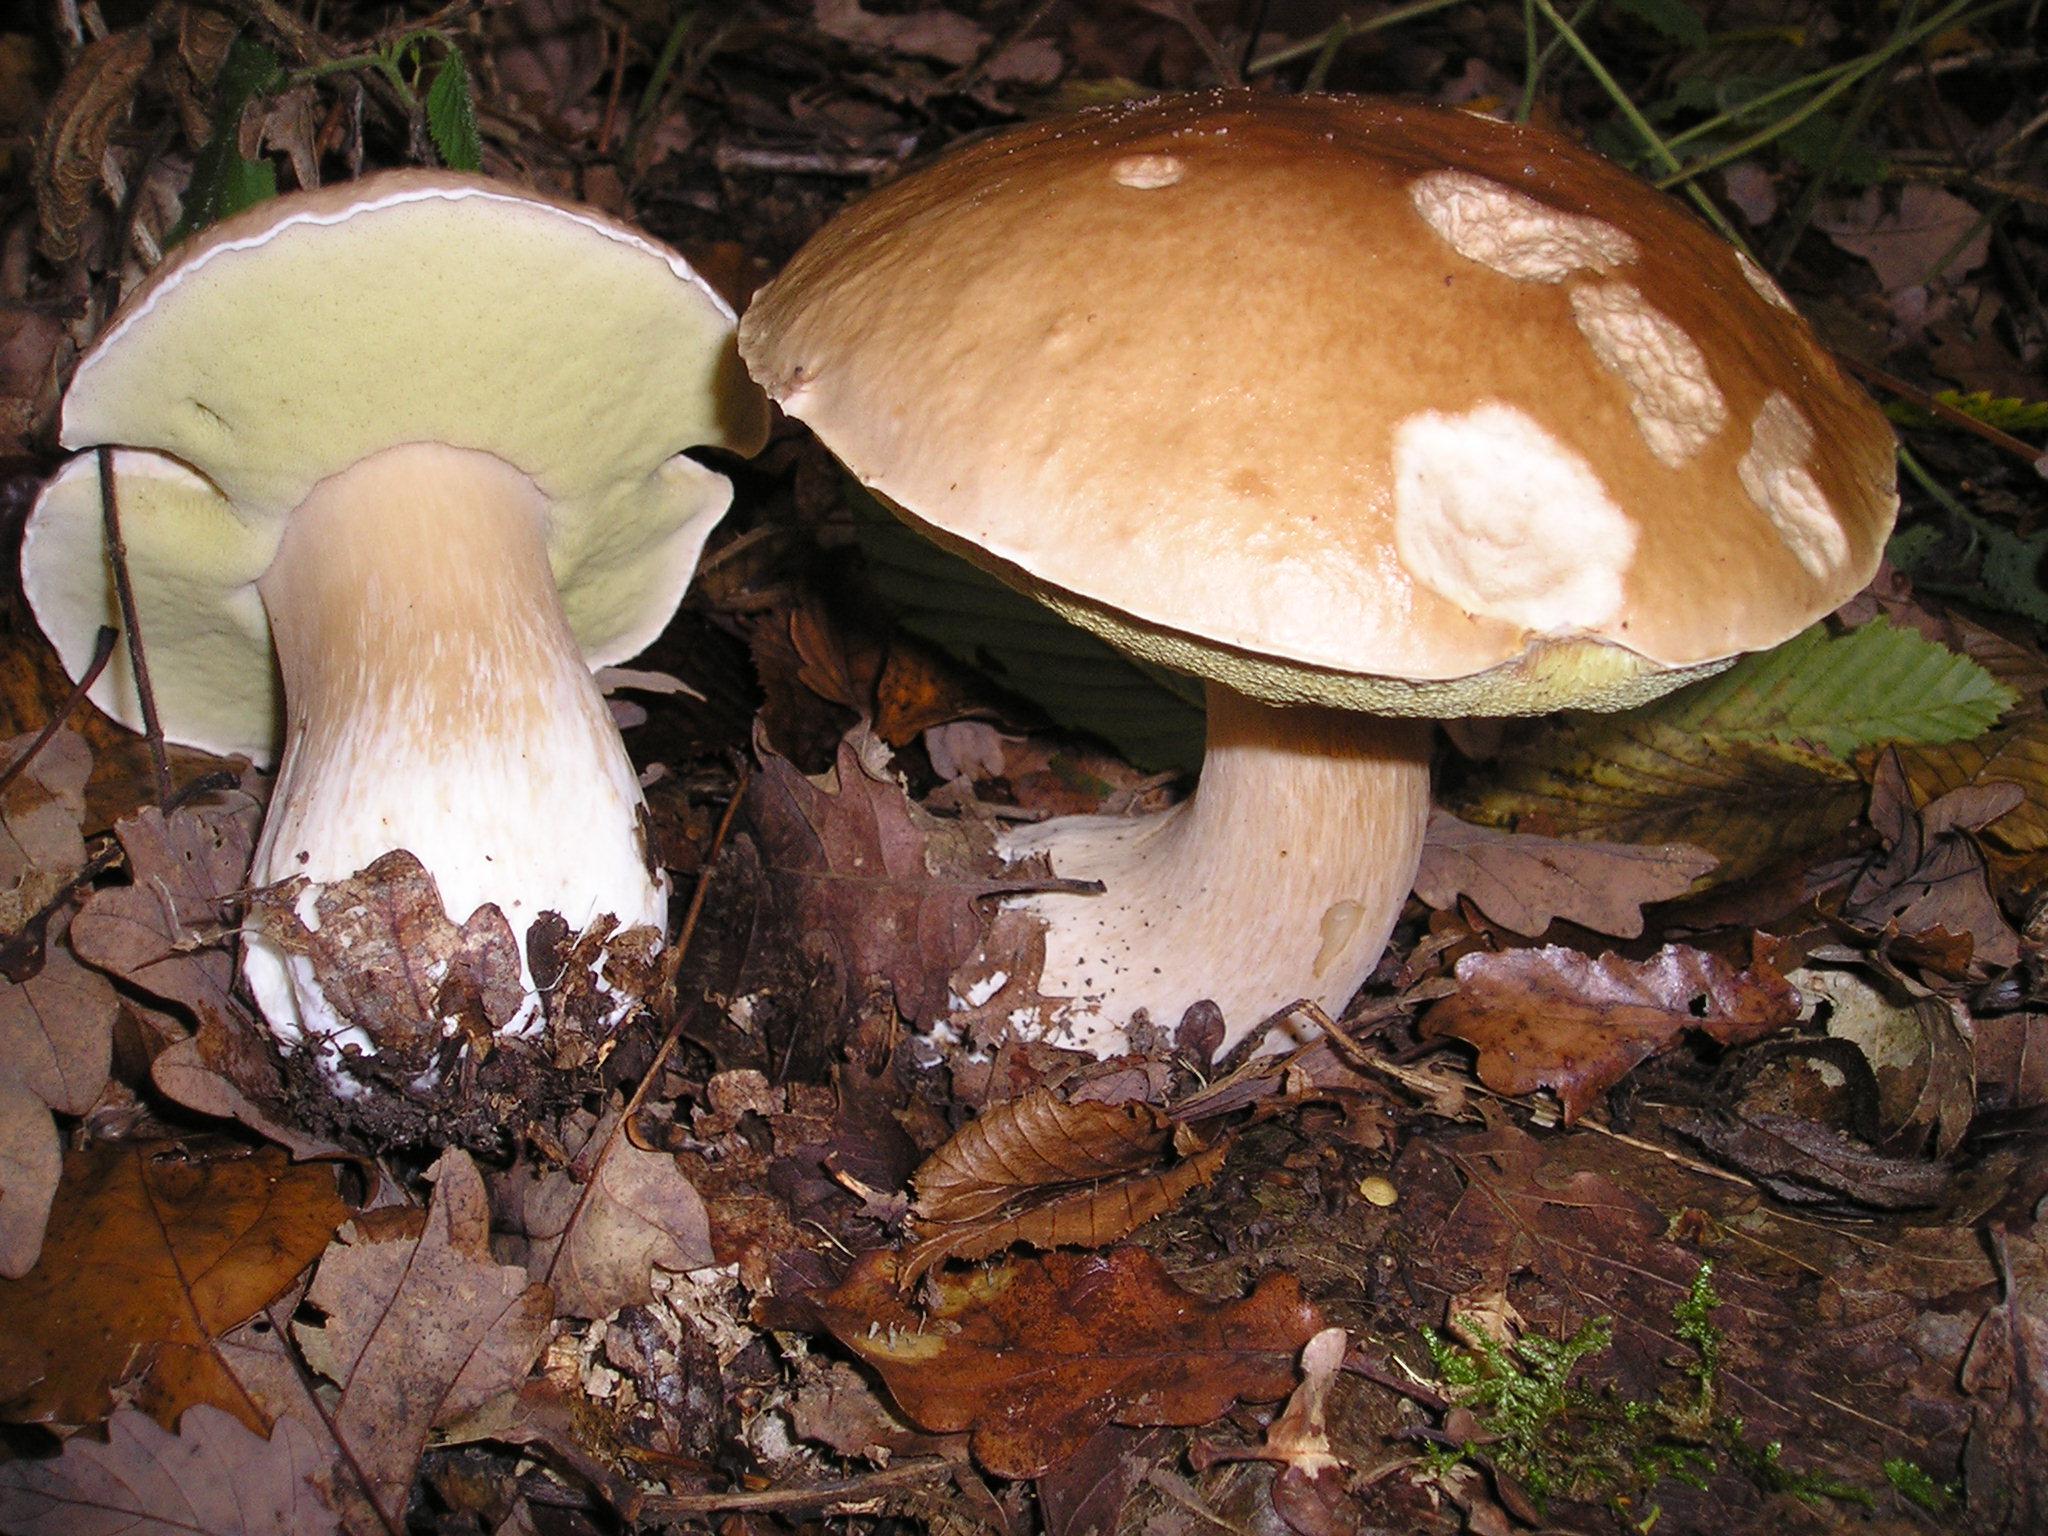 Boletus edulis / Foto: Strobilomyces (Wikimedia Commons)